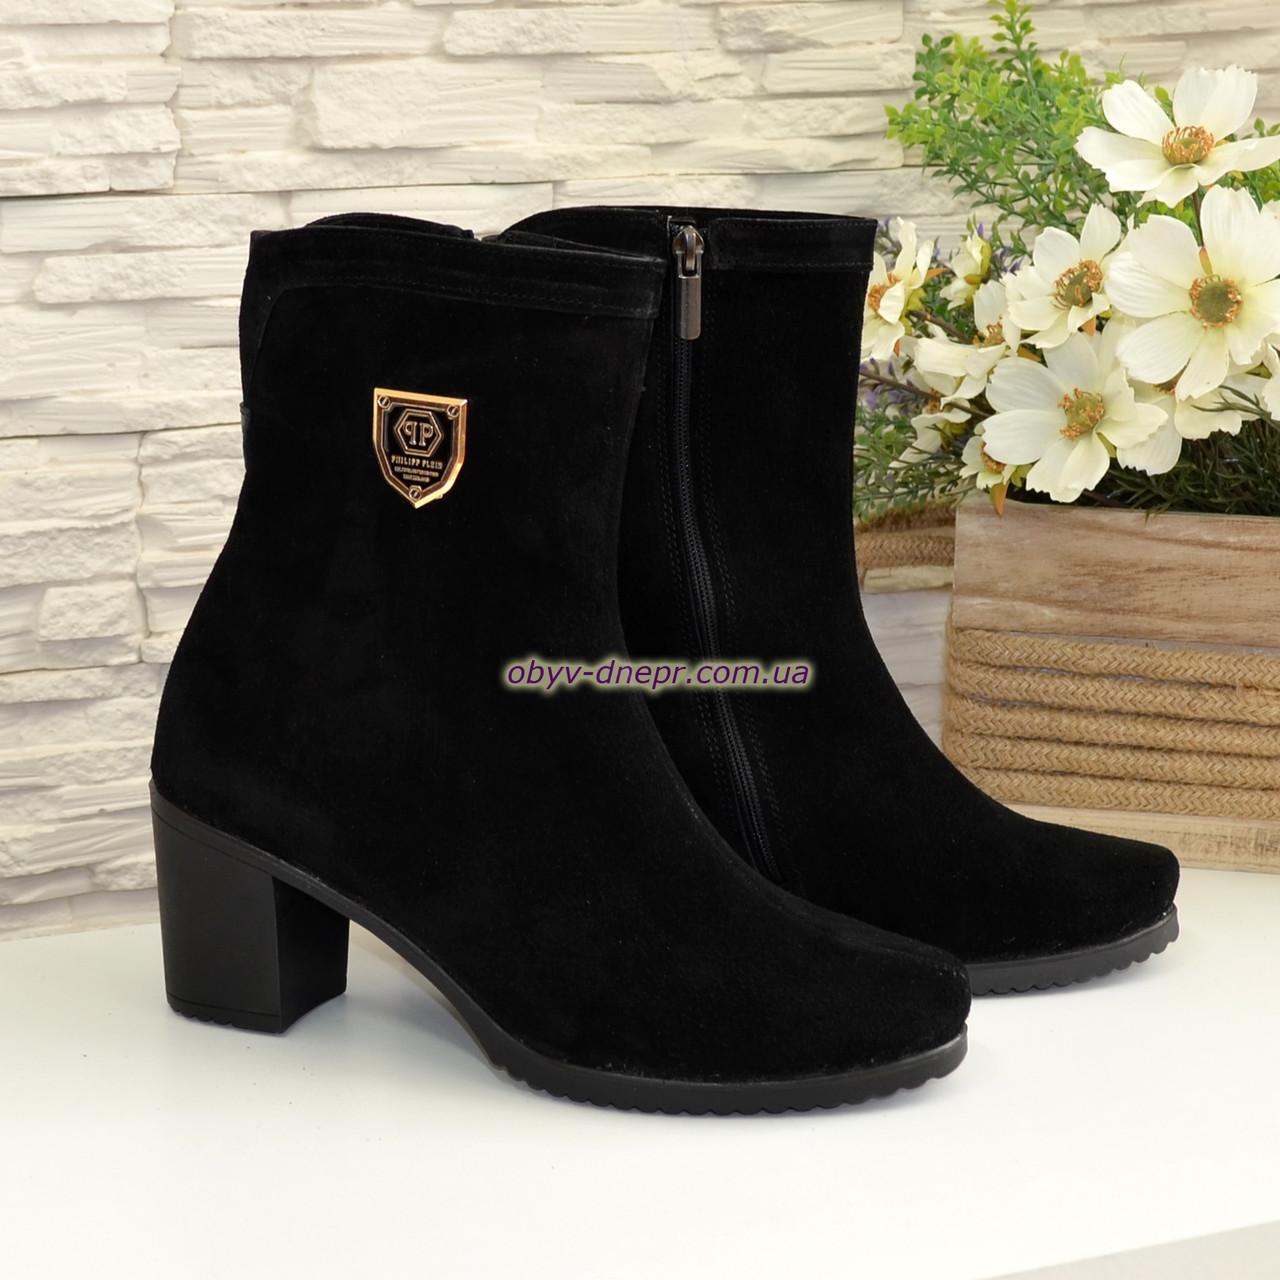 514d63a4e Демисезонные женские замшевые ботинки на невысоком каблуке, декорированы  фурнитурой